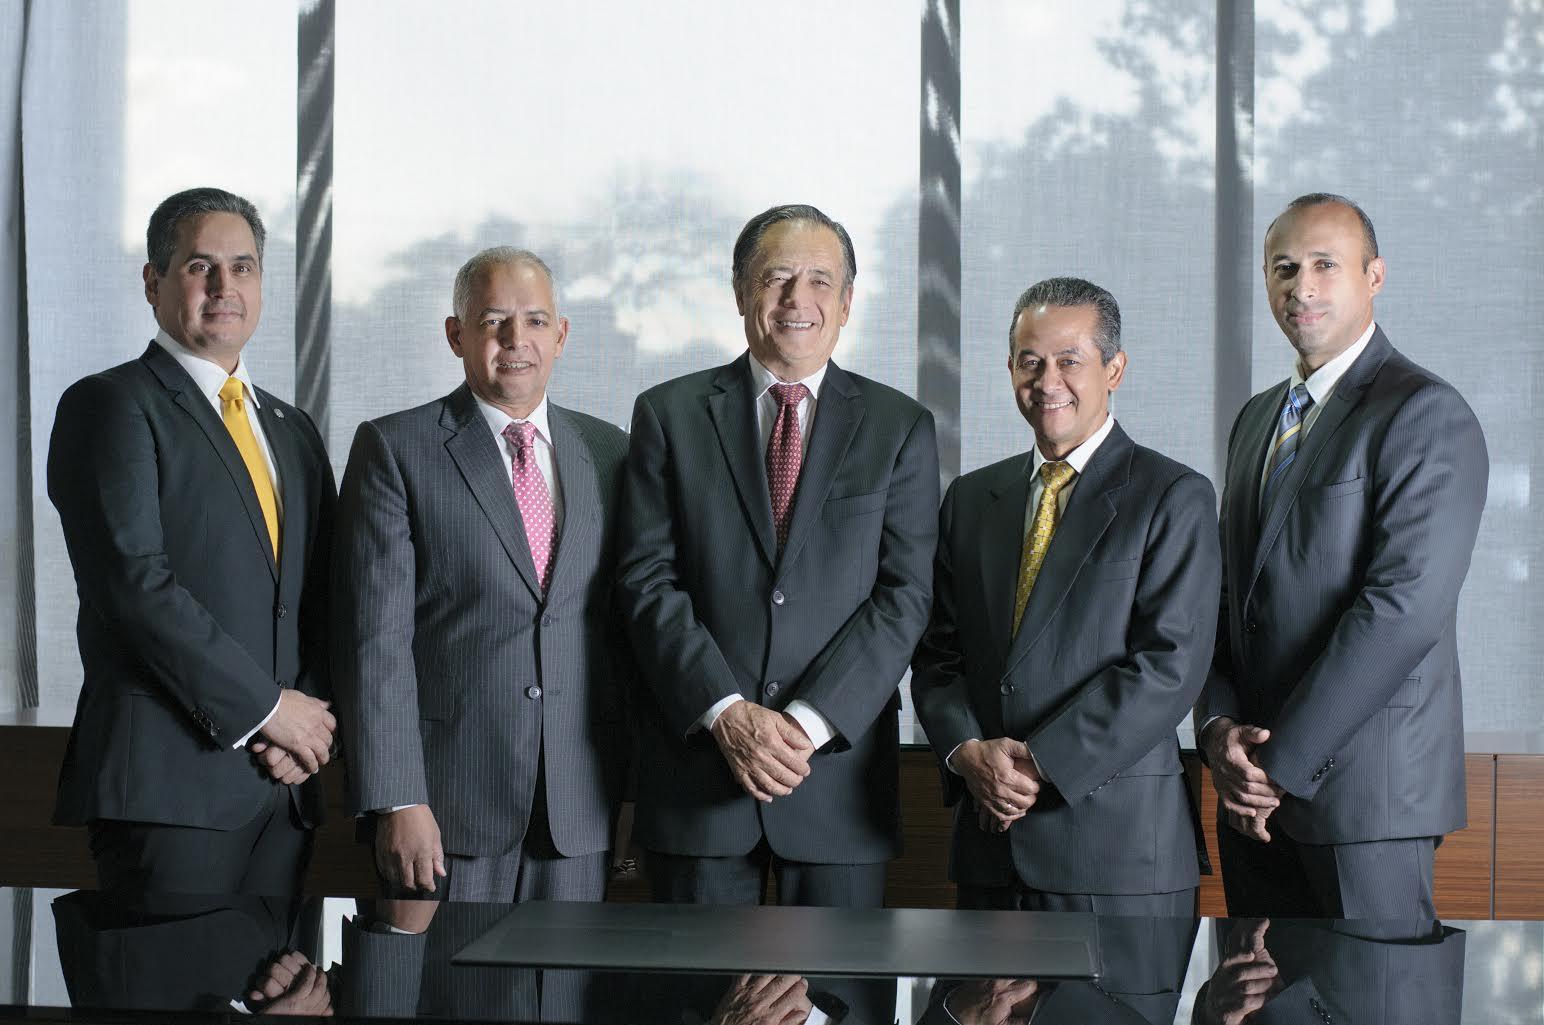 Alaver es una entidad mutualista que apoya diversos sectores productivos.